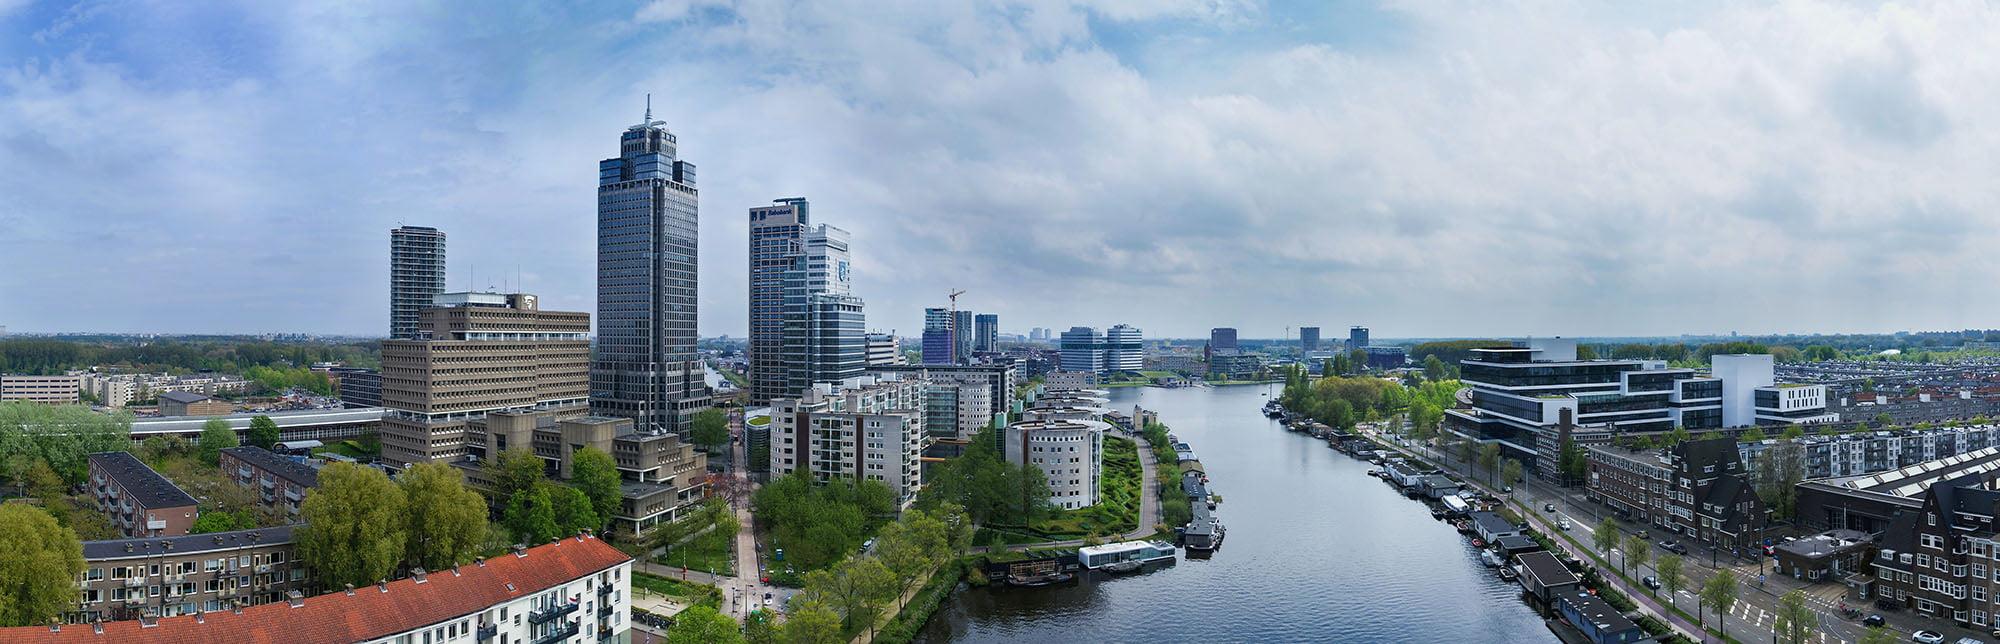 Drone opnames van Rembrandt toren en Amstel